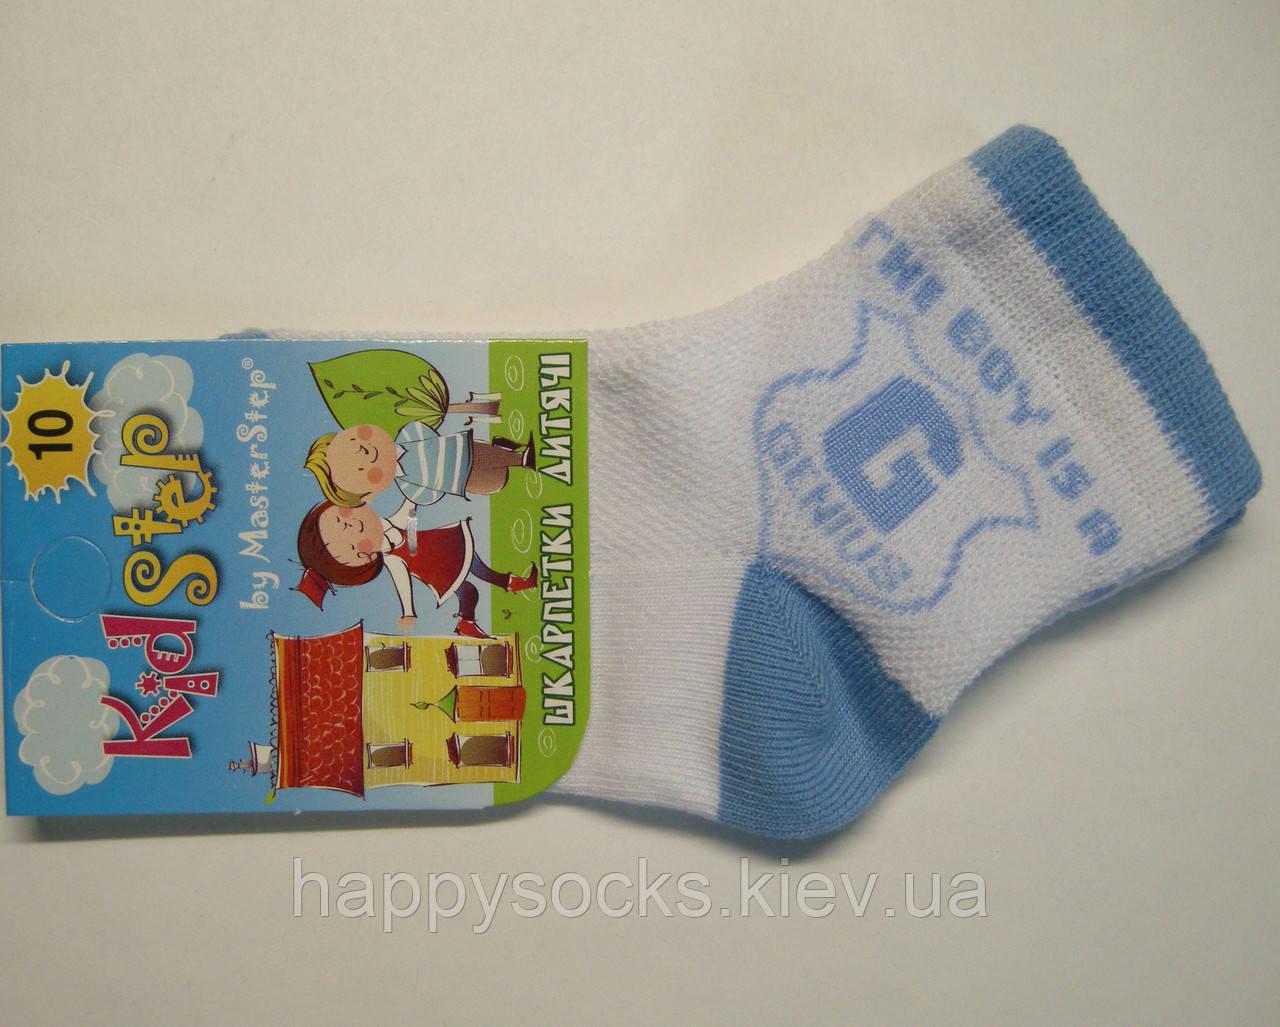 Летние носки в сетку белого цвета для мальчиков